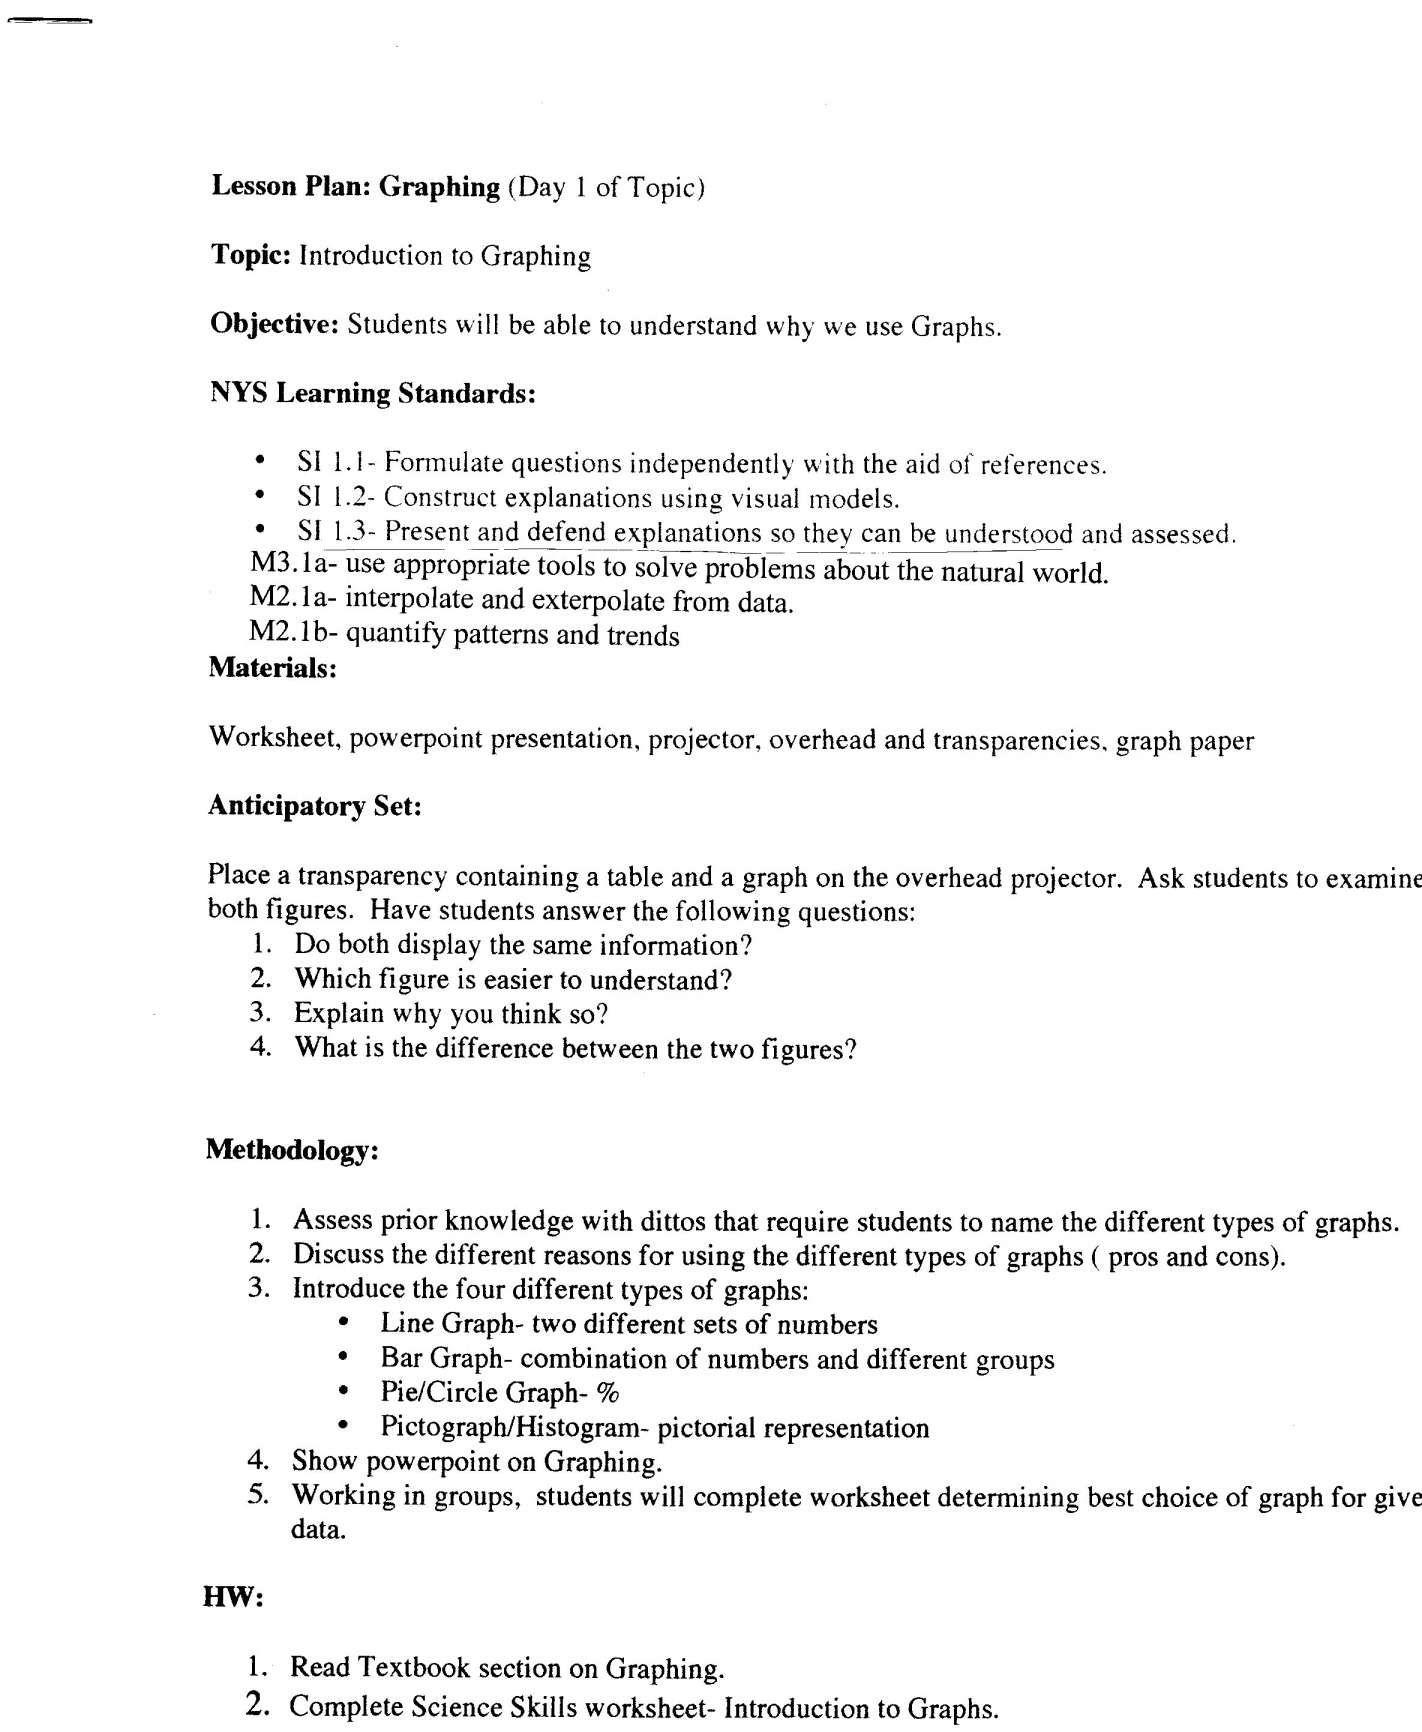 15 Science Skills Practice Worksheet In